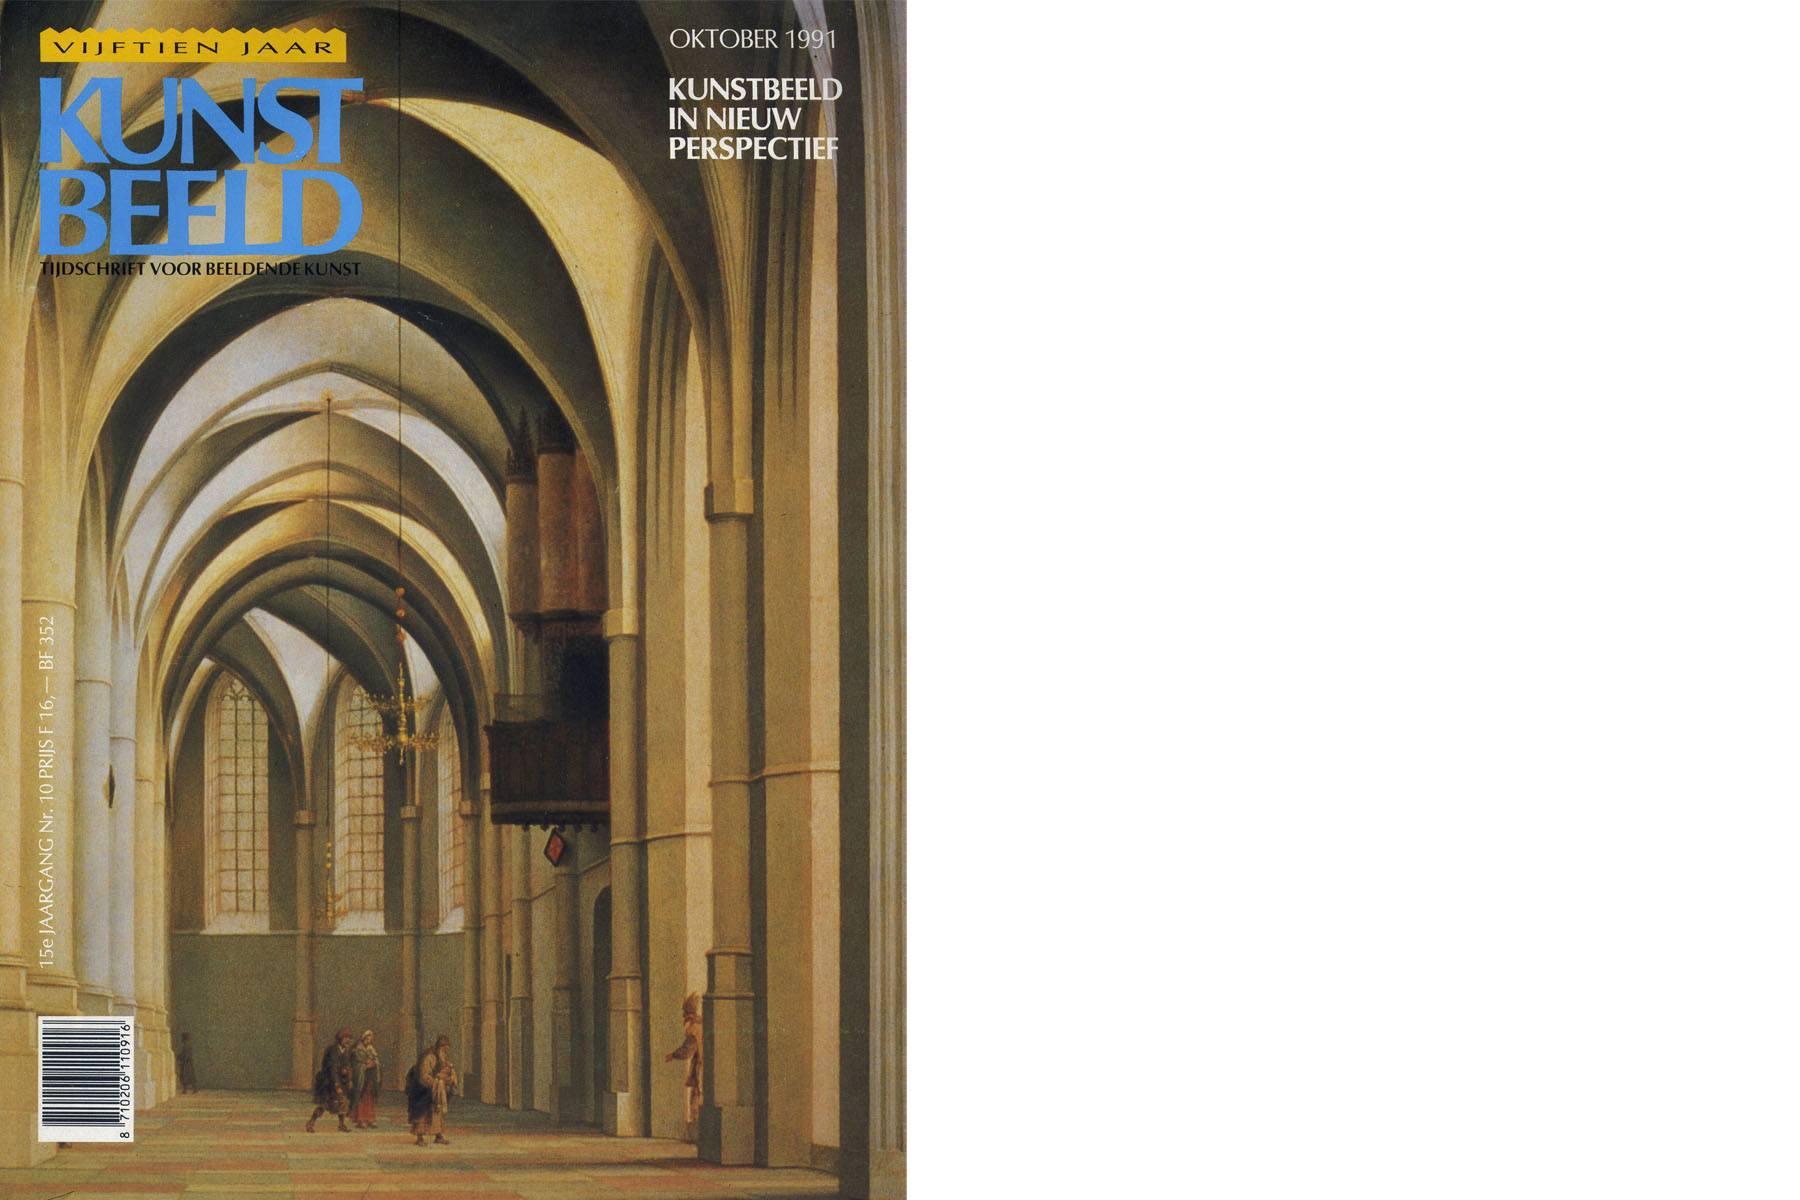 Kunst Beeld - Tijdschrift voor beeldende kunst - Oktober 1991